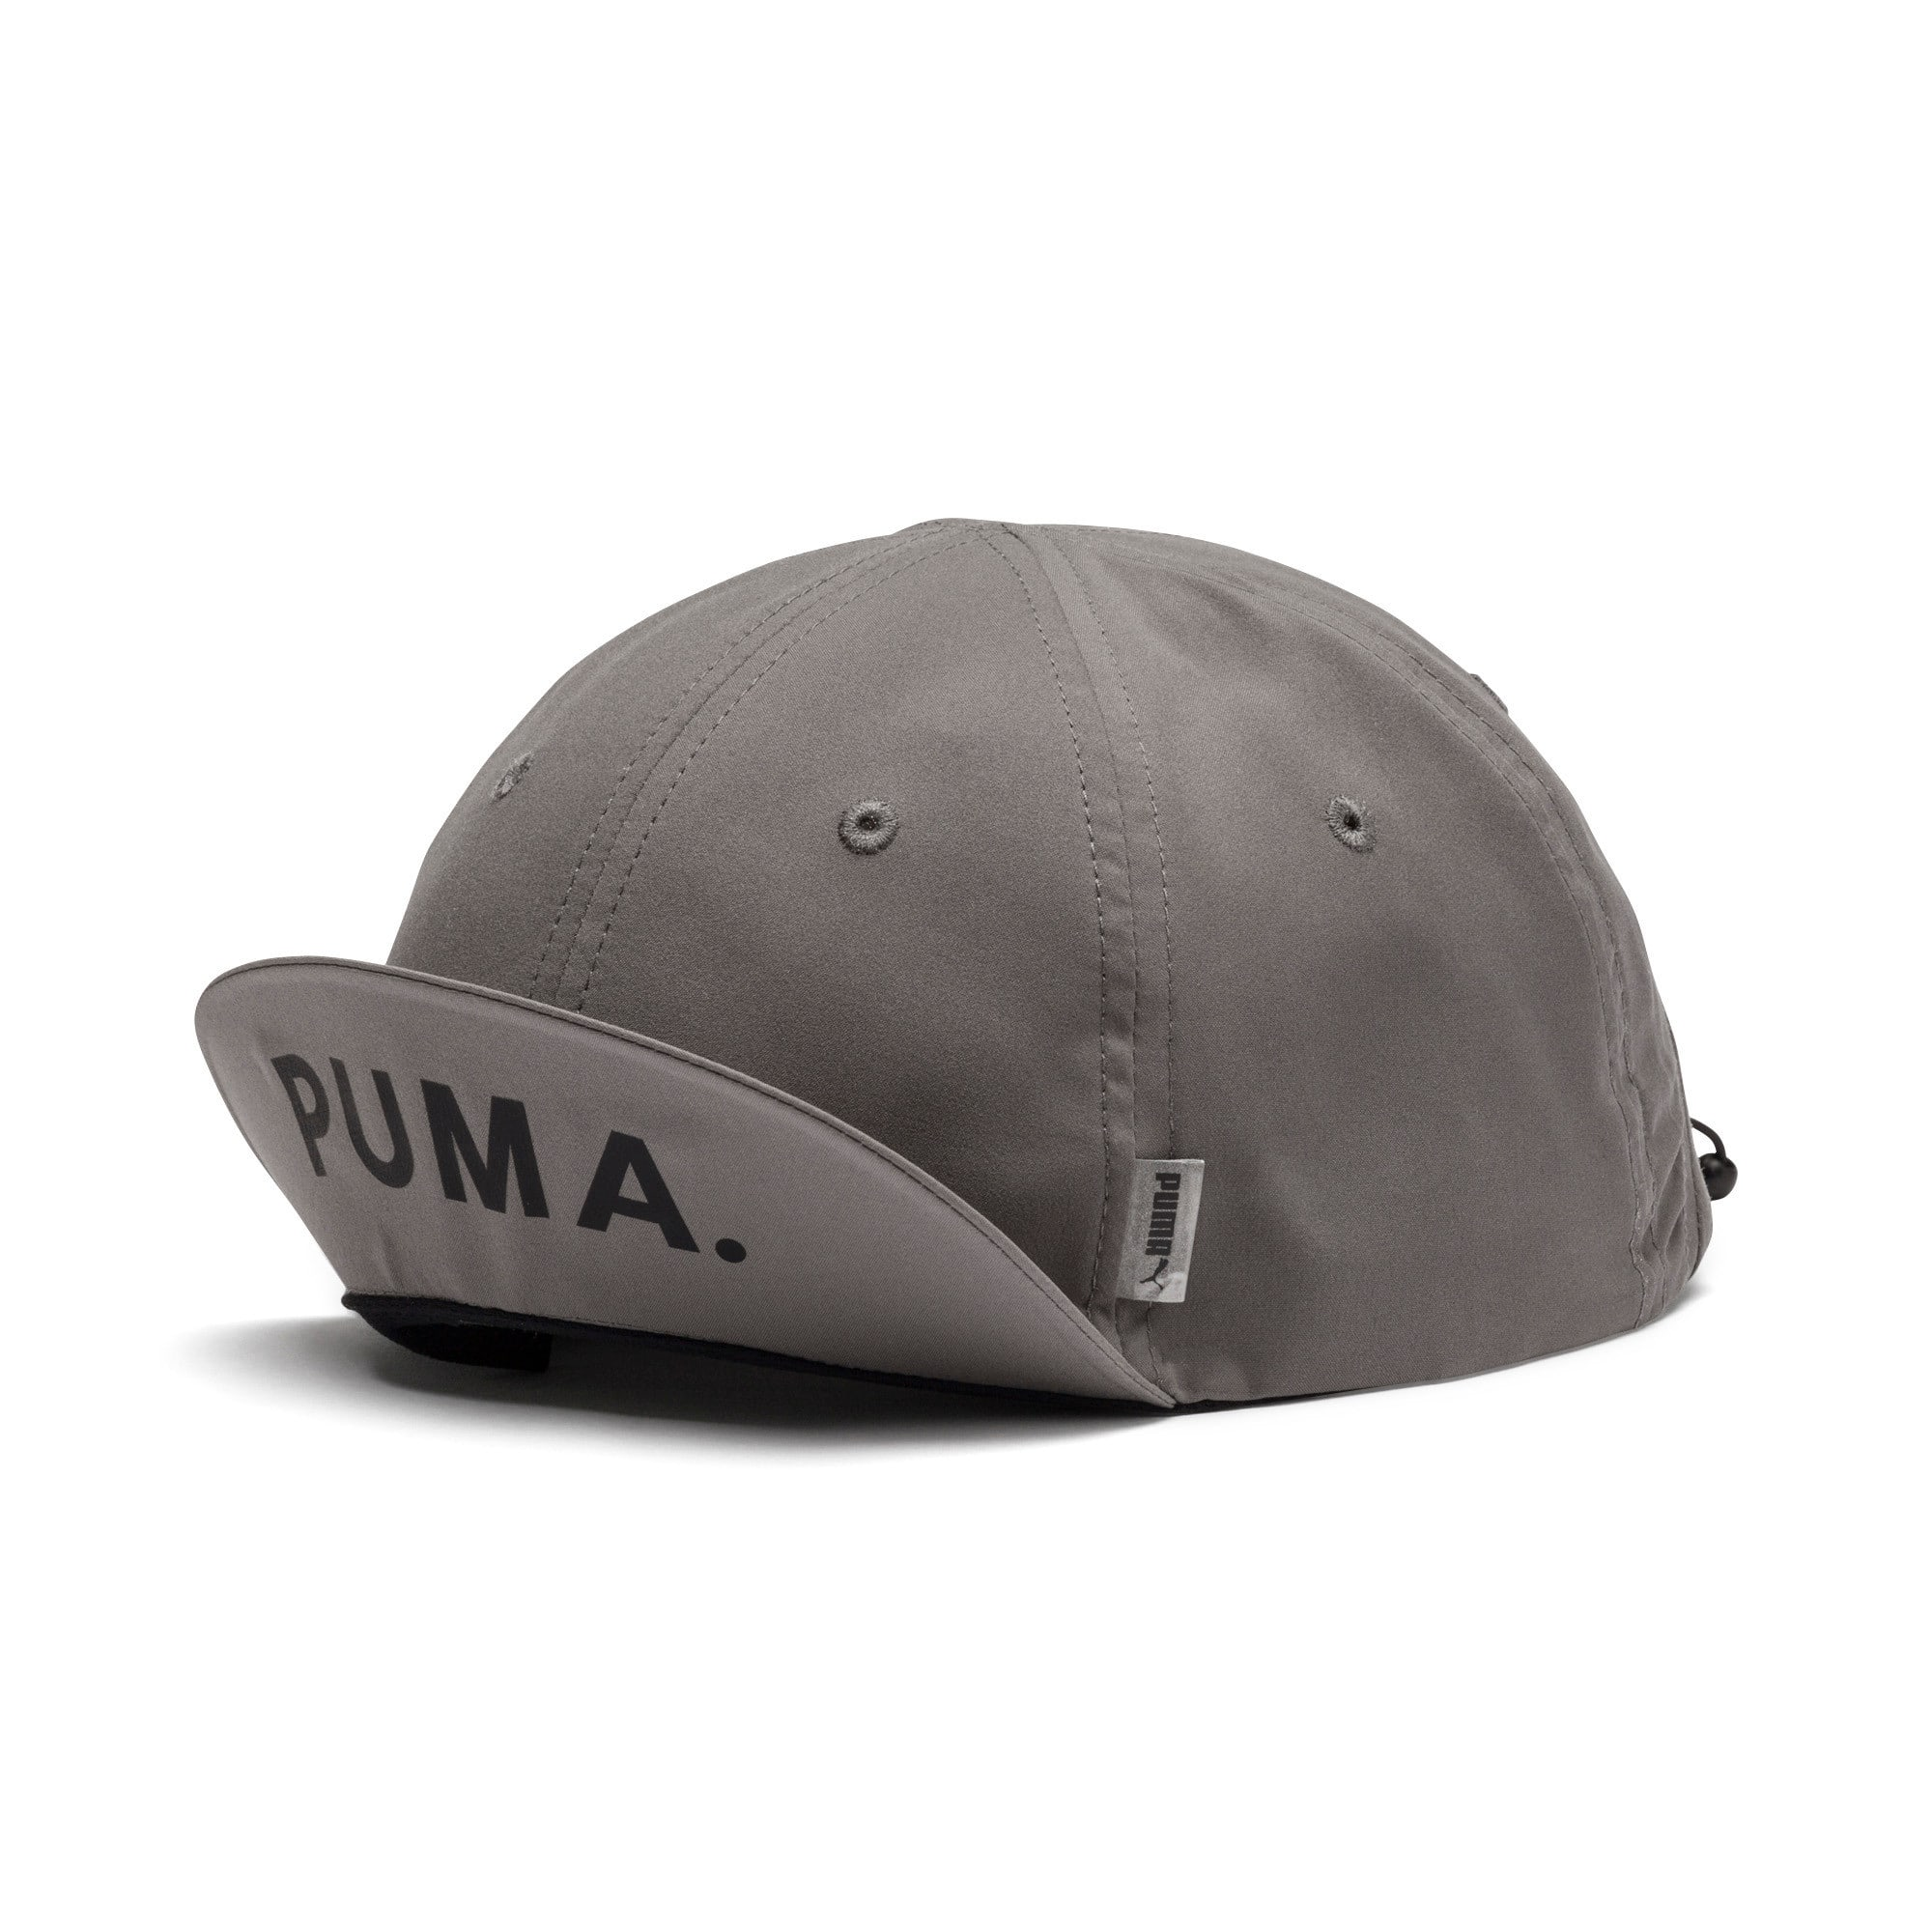 Thumbnail 1 of Epoch Low Curve Cap, Charcoal Gray-Puma Black, medium